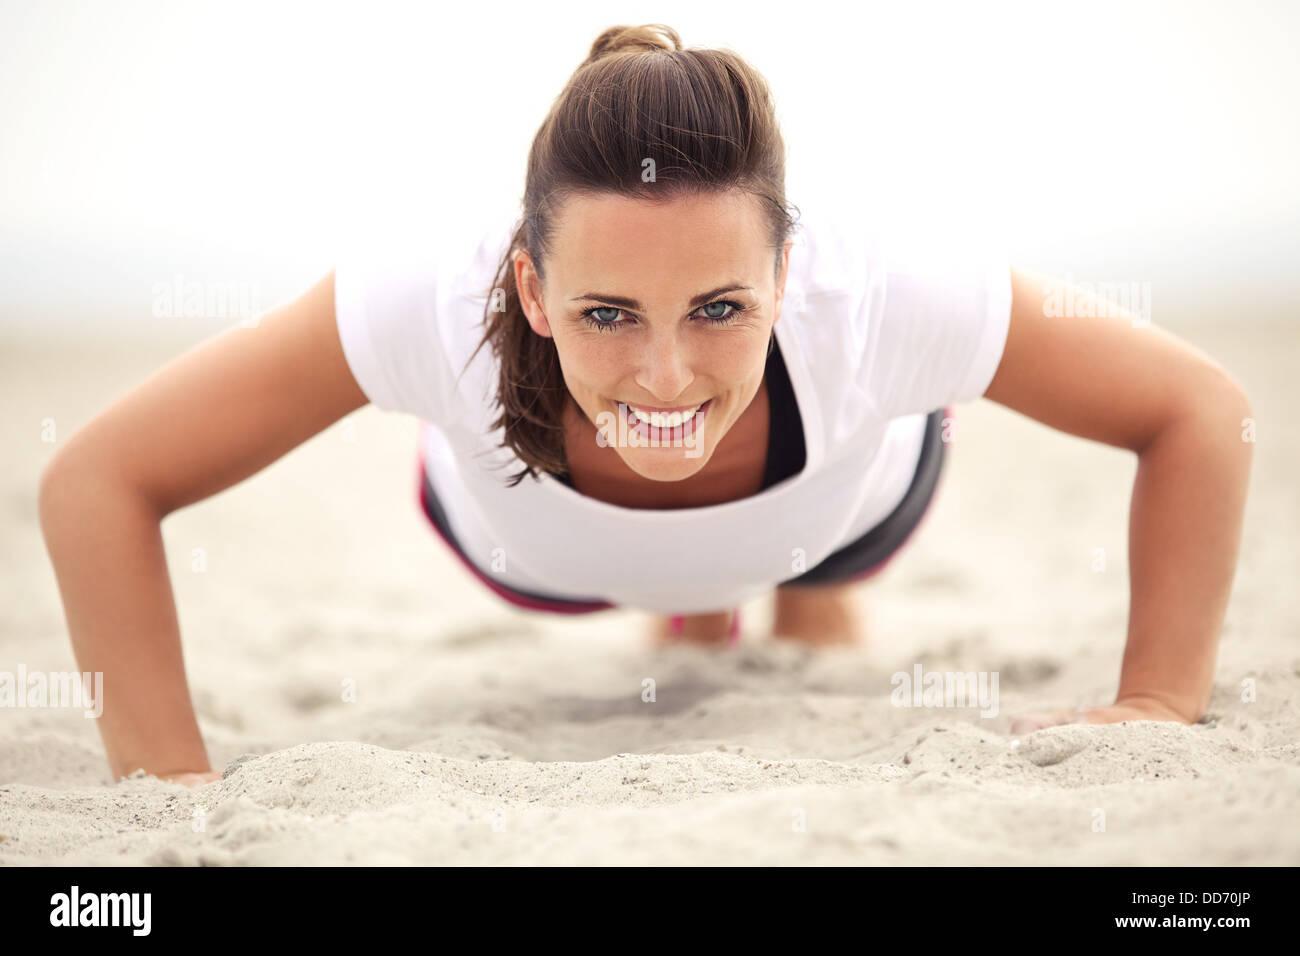 Happy fitness donna caucasica sulla spiaggia a sorridere mentre si fa spingere verso l'alto esercizio. Attivo Immagini Stock